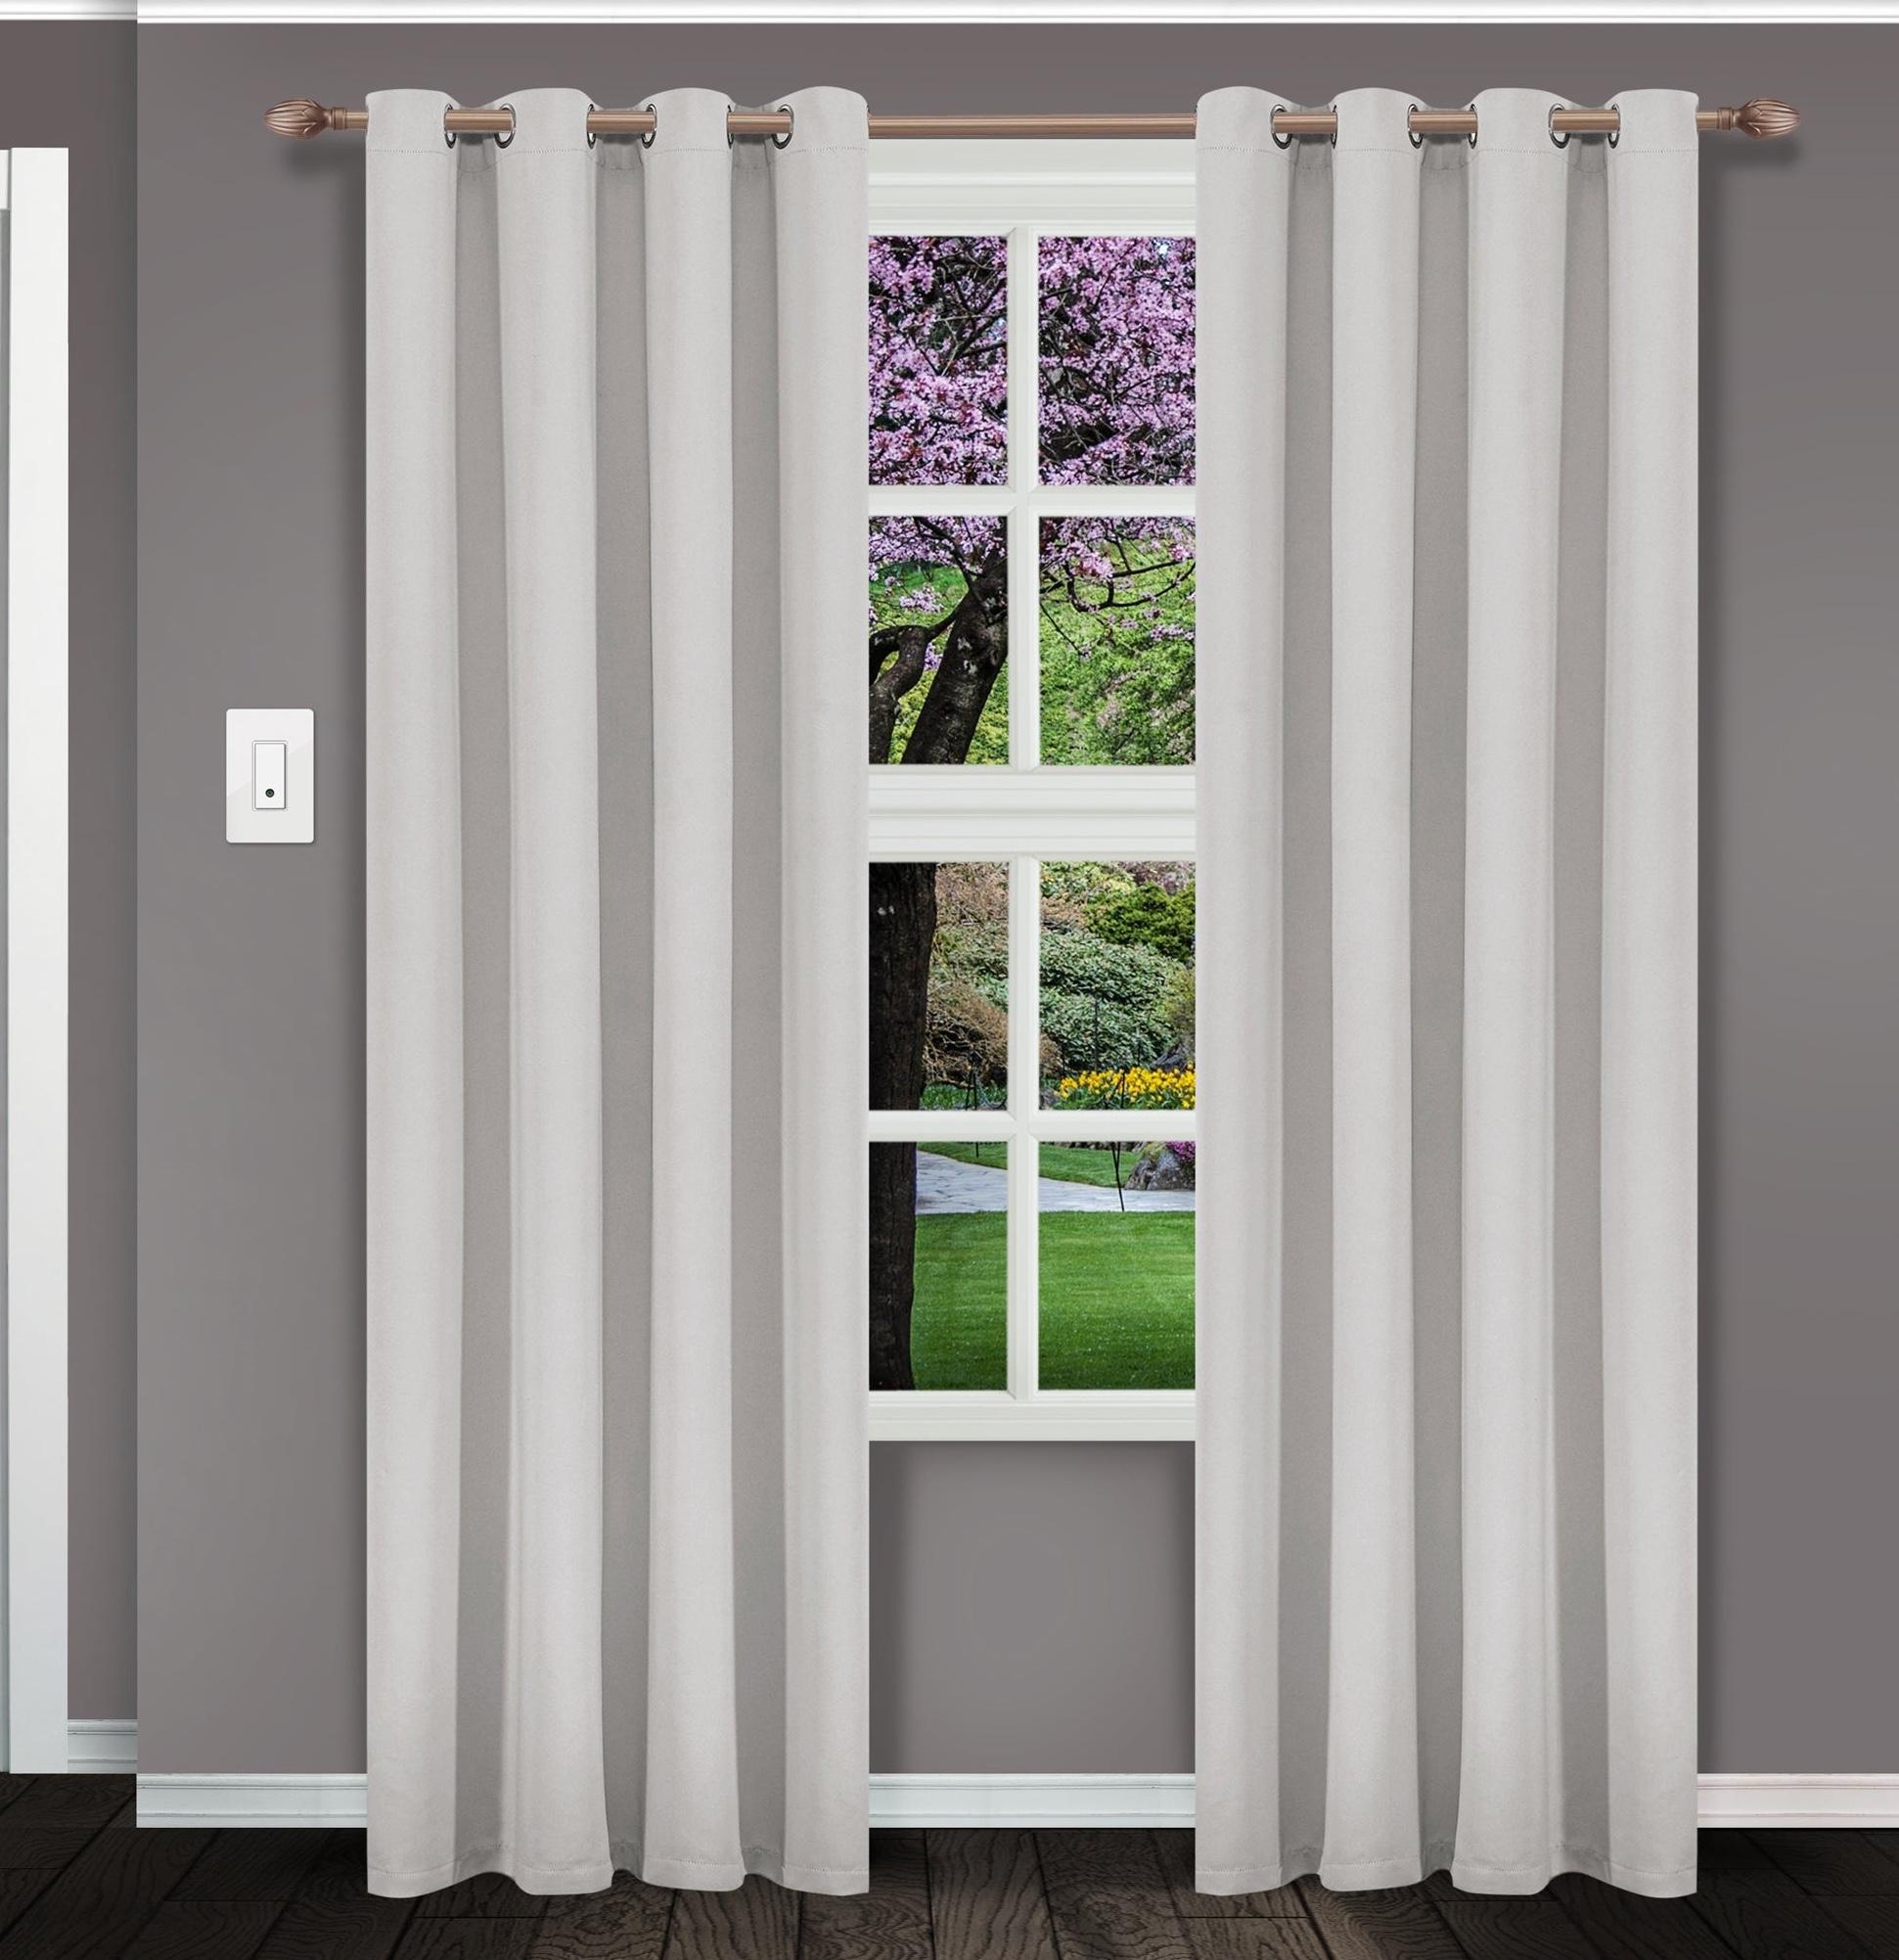 Eclipse Samara Energy Efficient Curtain Noise Isolating Window Panel IVORY 42 x 95 1 Panel